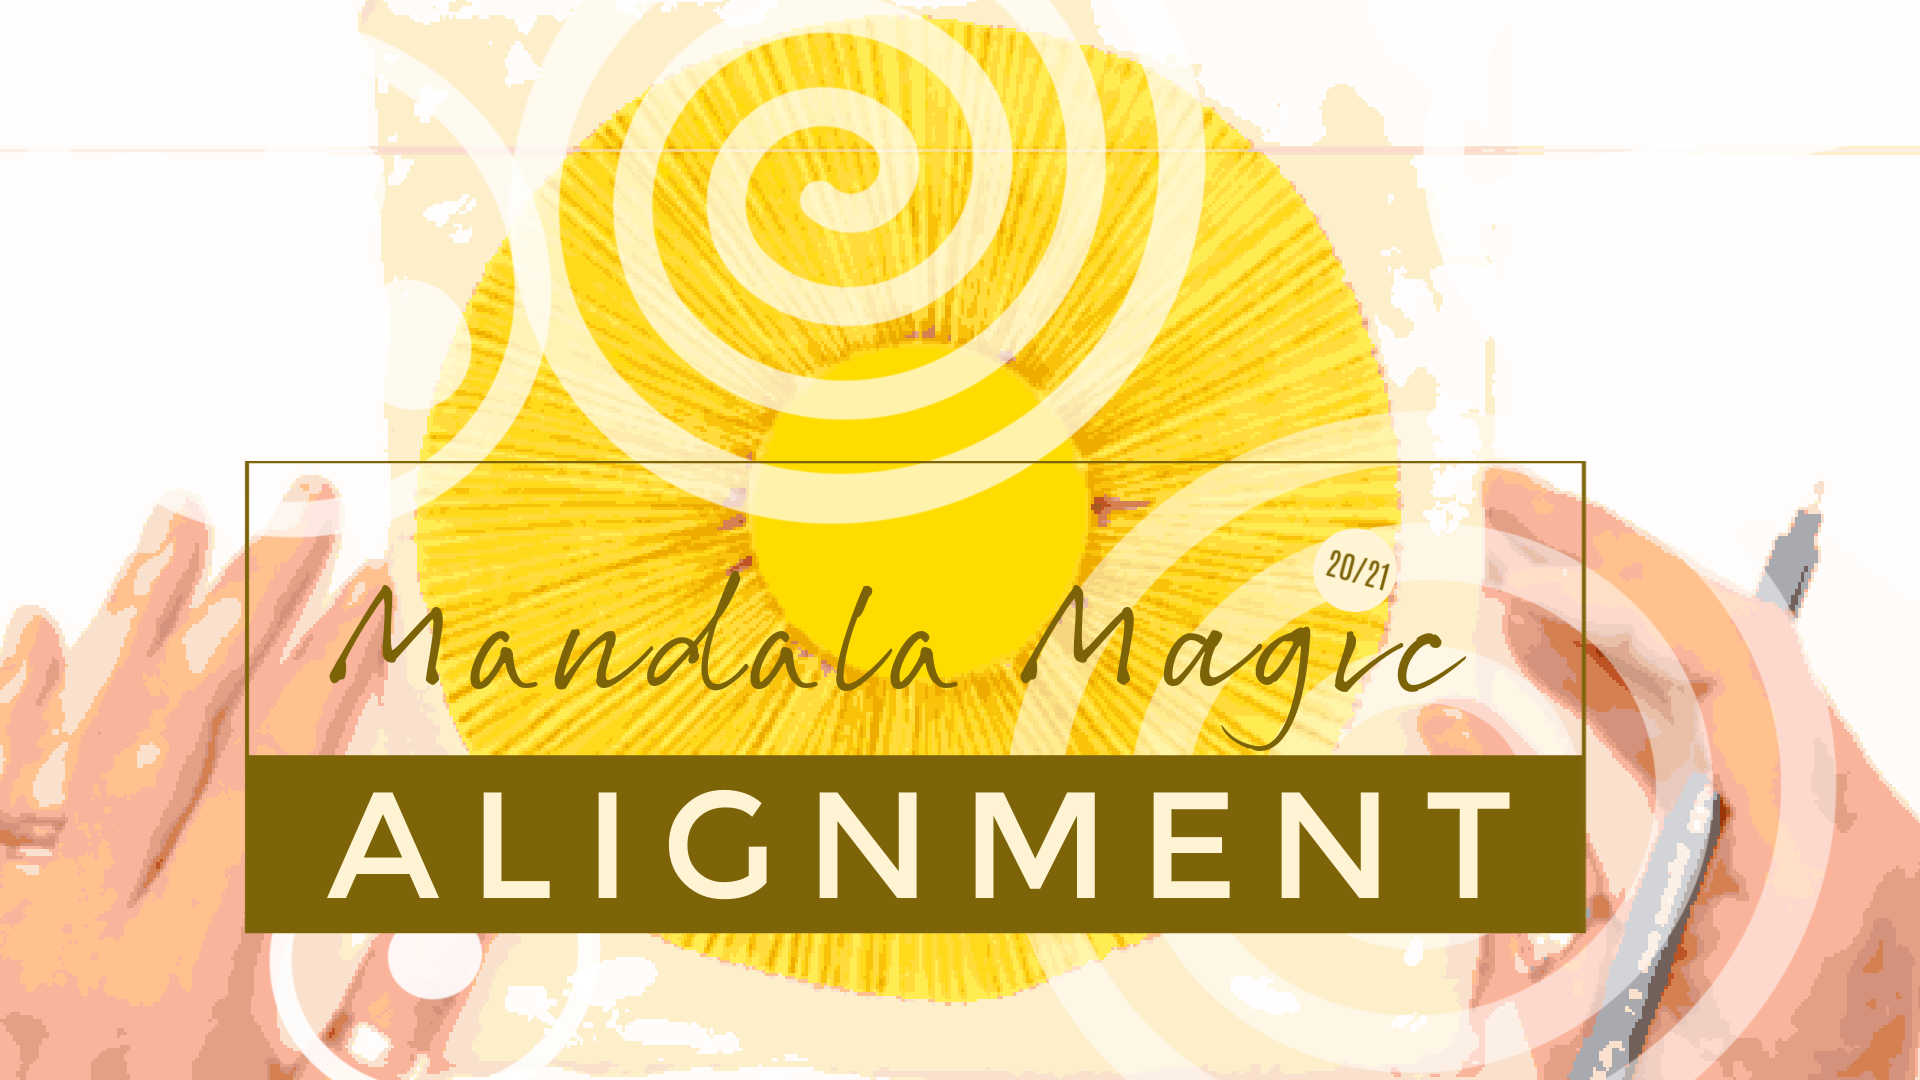 Mandala Magic Alignment 202021